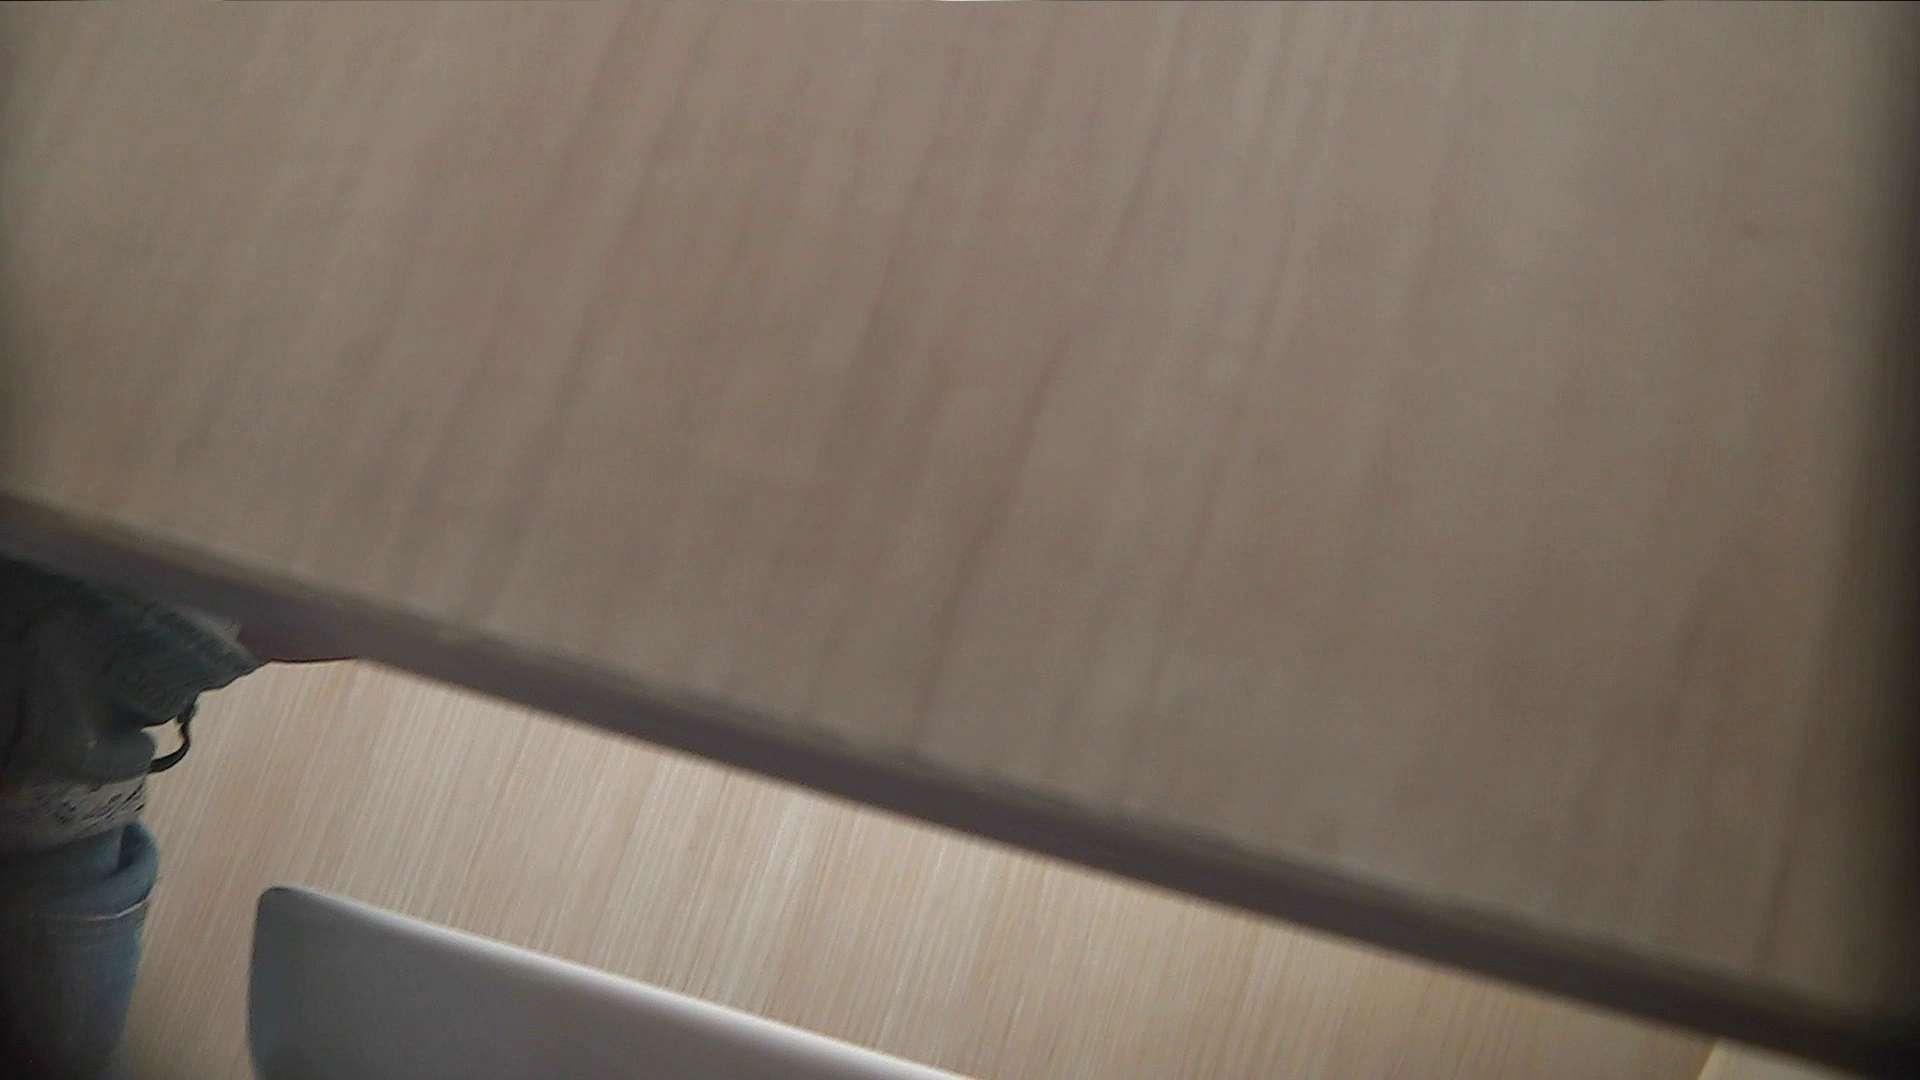 阿国ちゃんの「和式洋式七変化」No.5 洗面所 アダルト動画キャプチャ 67画像 58